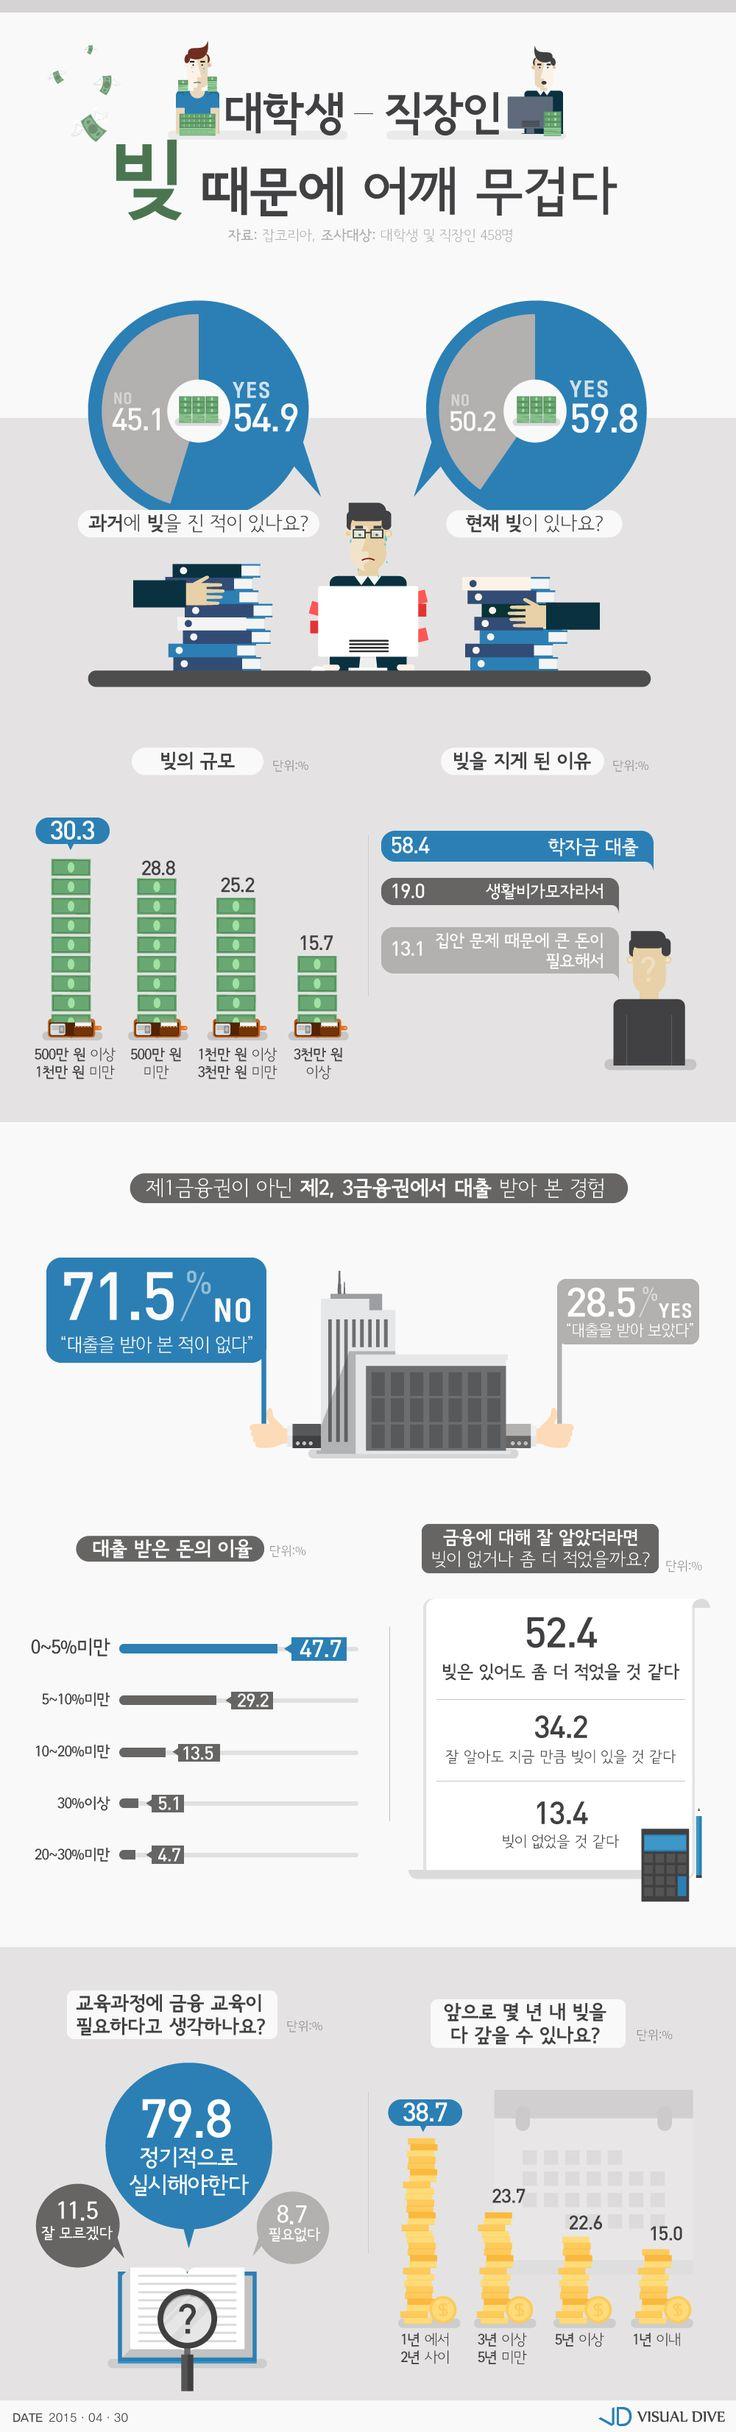 대학생·직장인, 10명 중 6명은 빚 있다…학교서 금융교육 필요성 느껴 [인포그래픽] #economic education / #Infographic ⓒ 비주얼다이브 무단 복사·전재·재배포 금지